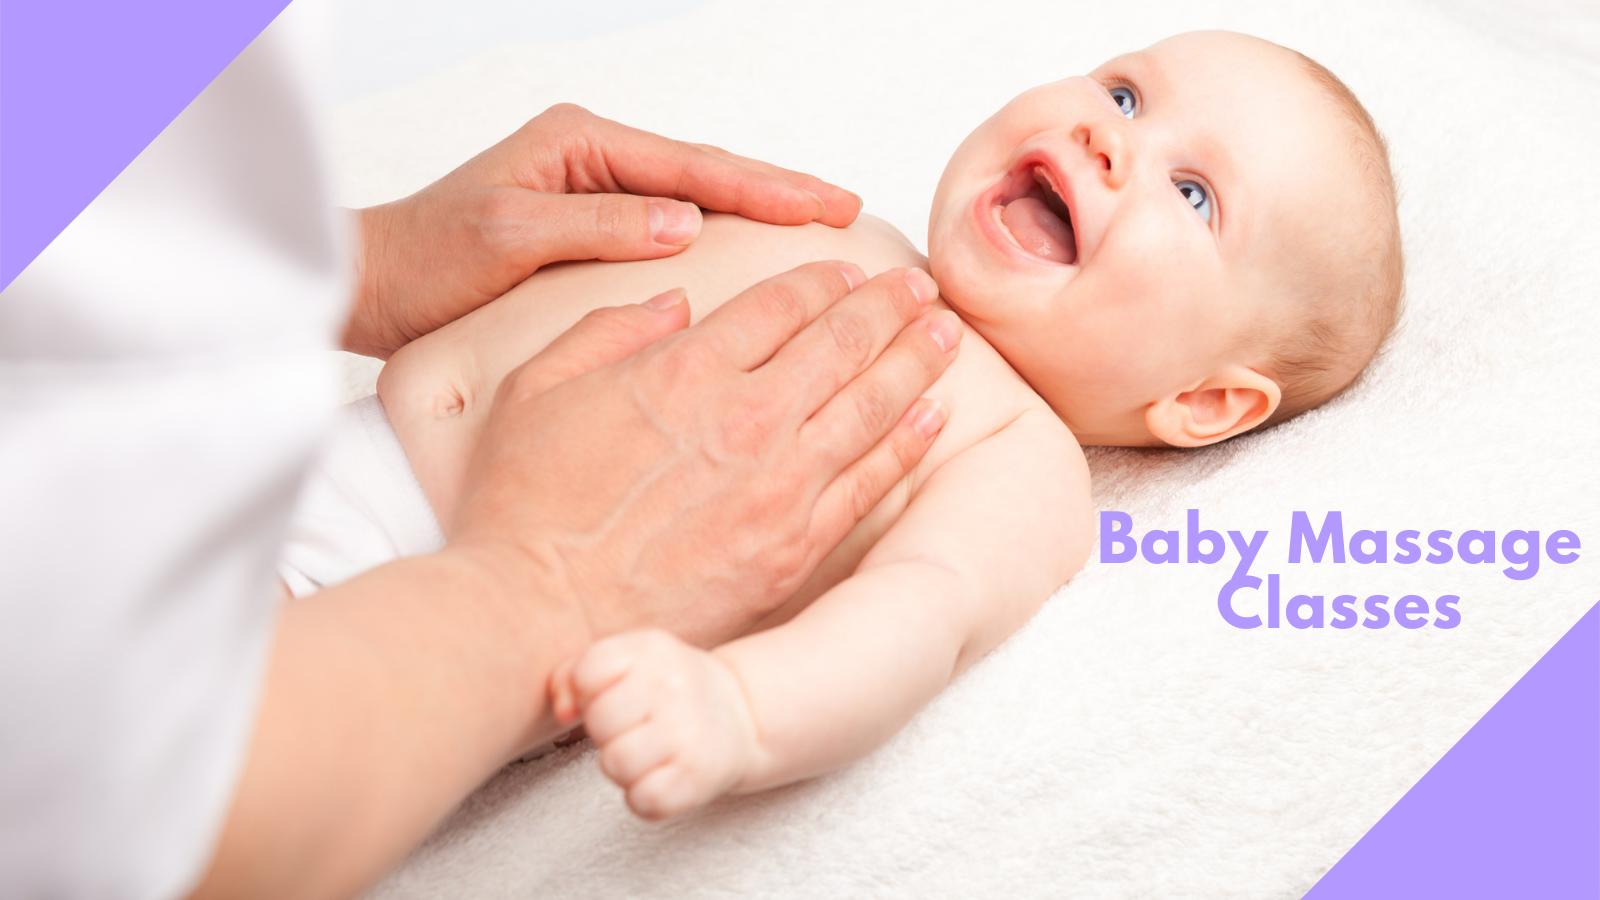 Baby Massage Classes April Dates